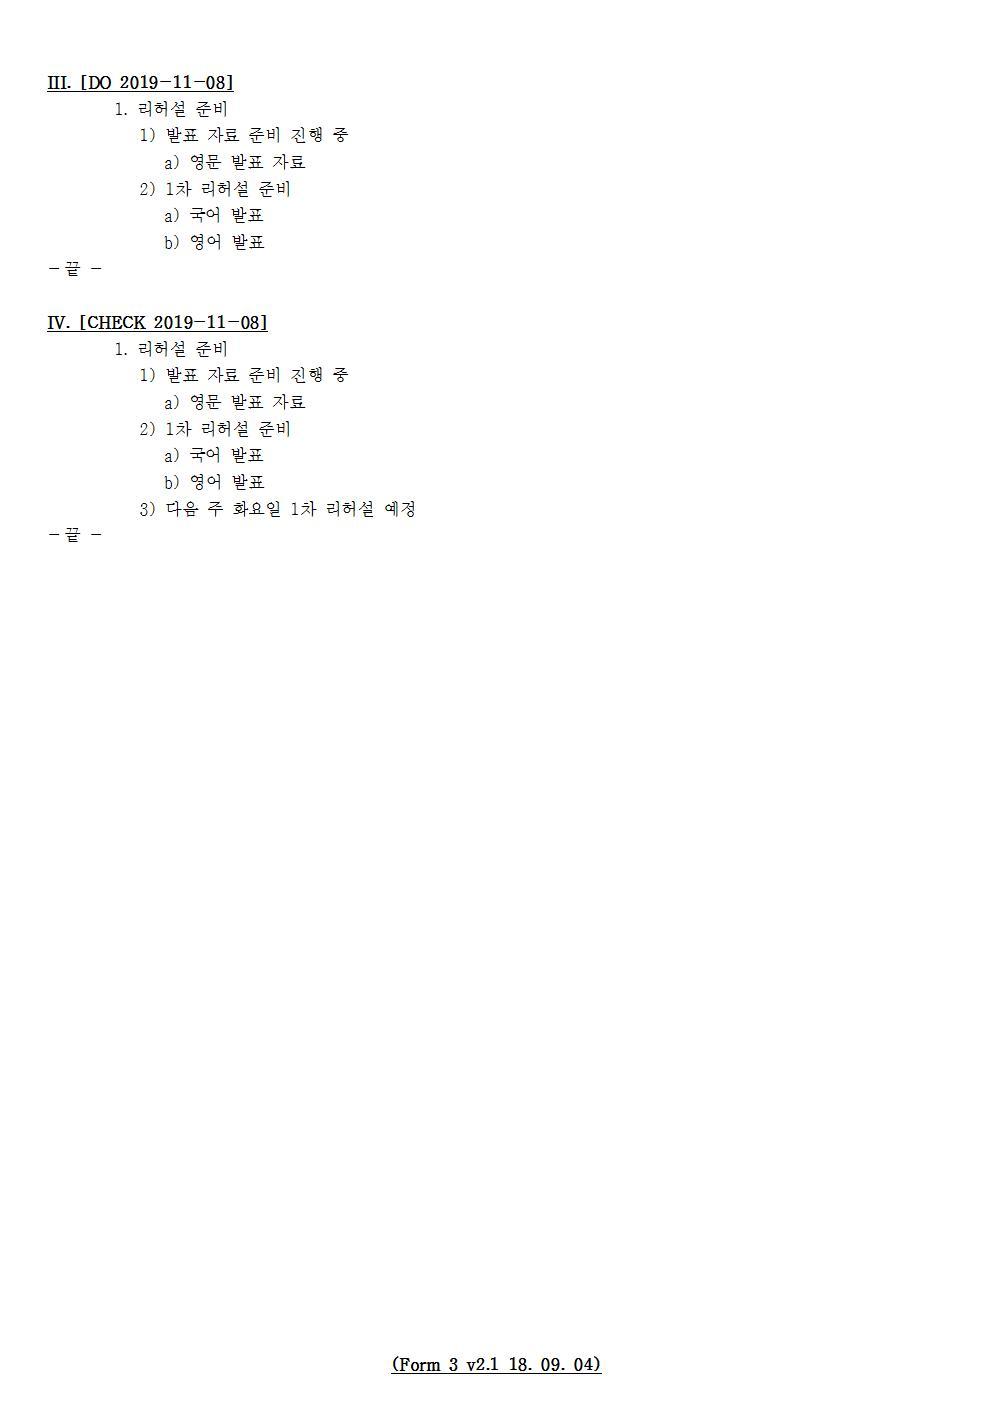 D-[19-009-PP-01]-[Conf-PoEM 2019]-[2019-11-08][JS]-[19-11-1]-[P+D+C]002.jpg